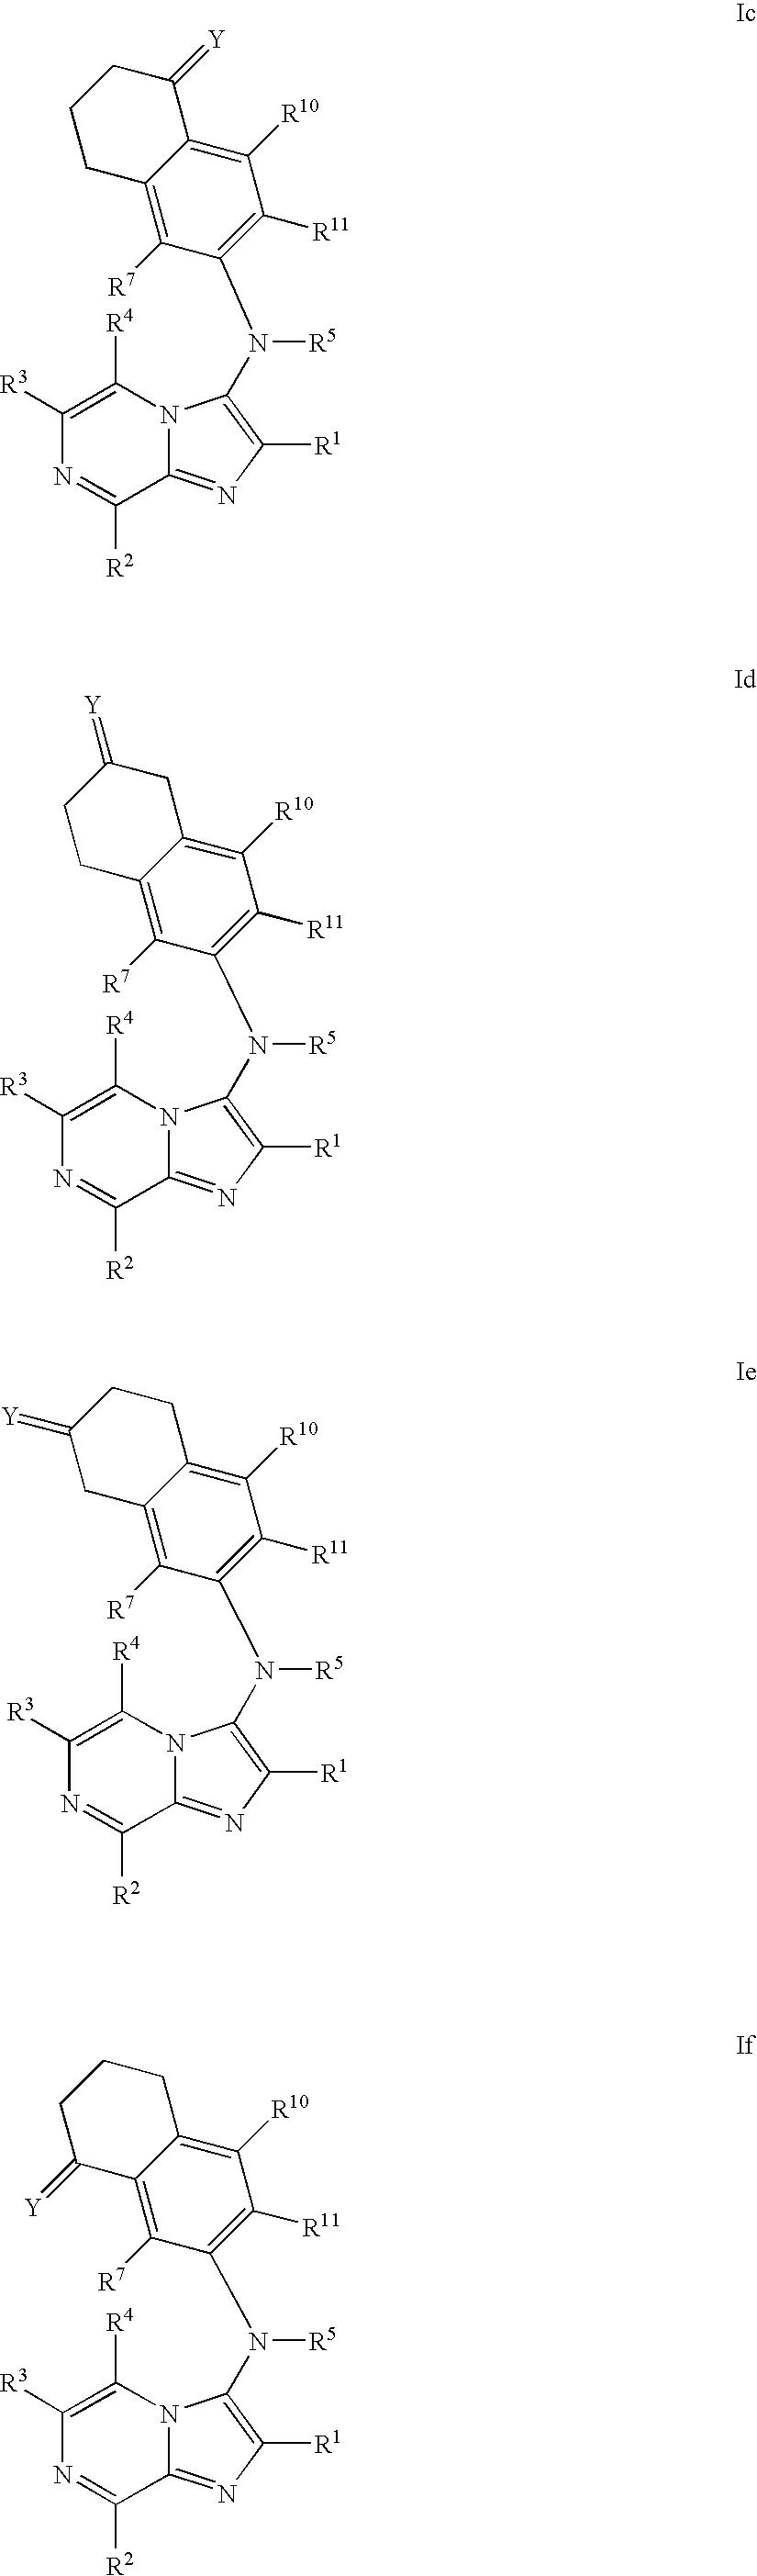 Figure US07566716-20090728-C00124